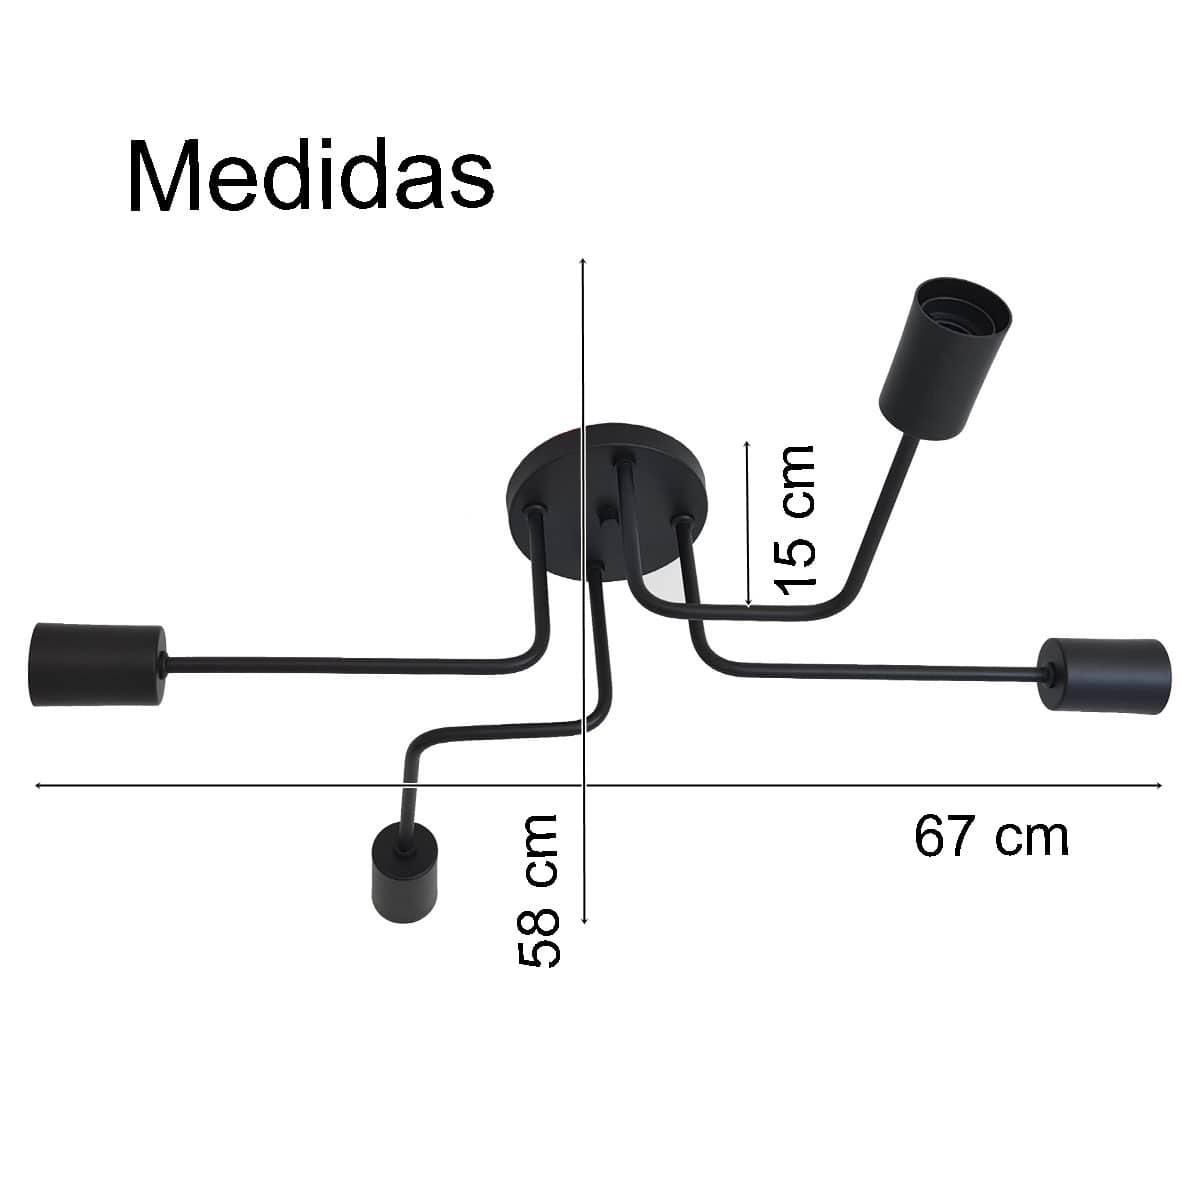 Plafon Decorativo Aranha Eletro 4 Braços E27